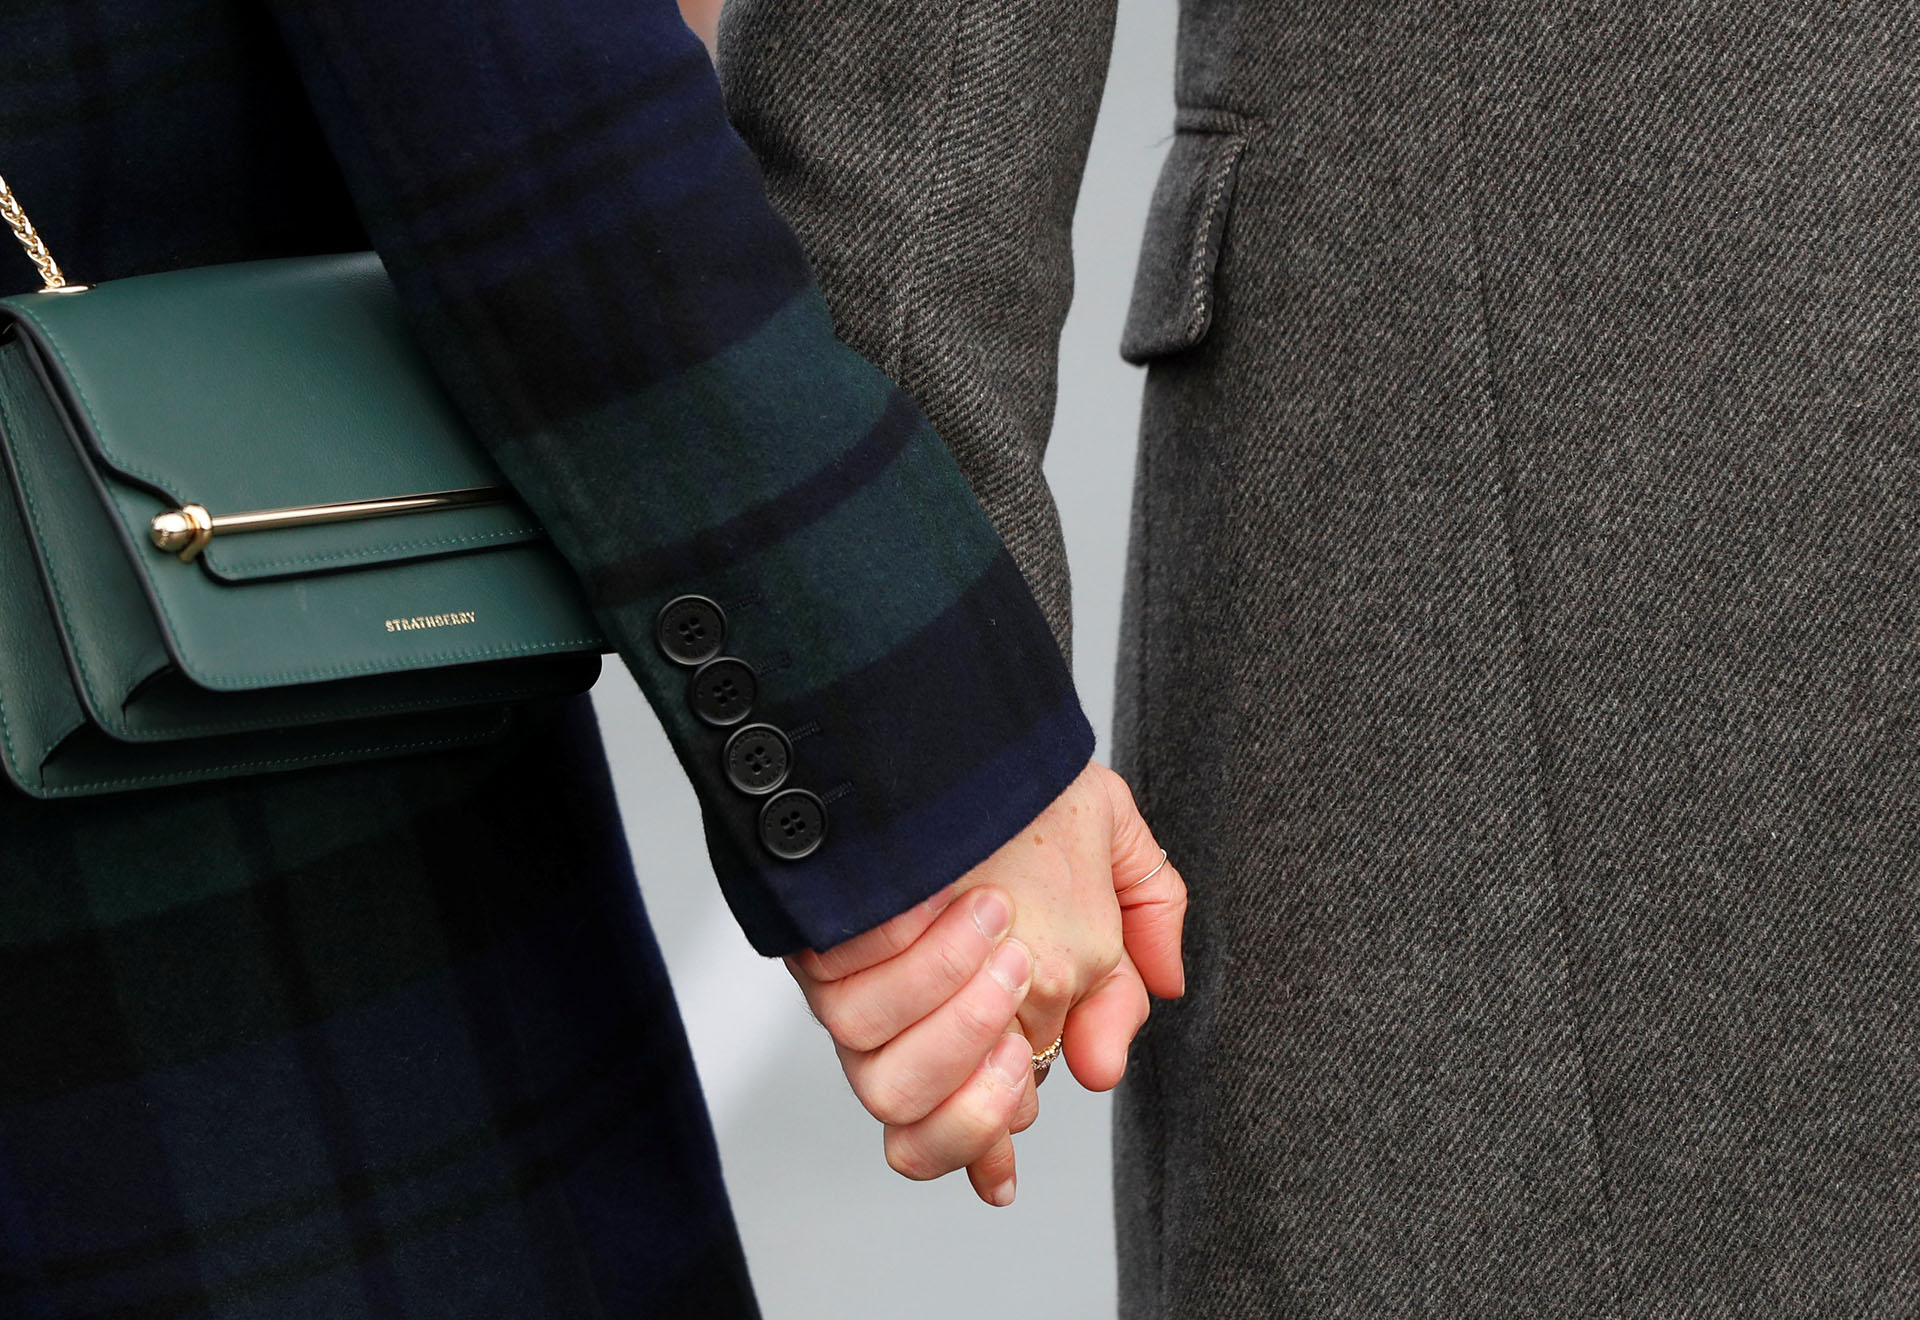 La pareja no evitó las demostraciones de afecto en público